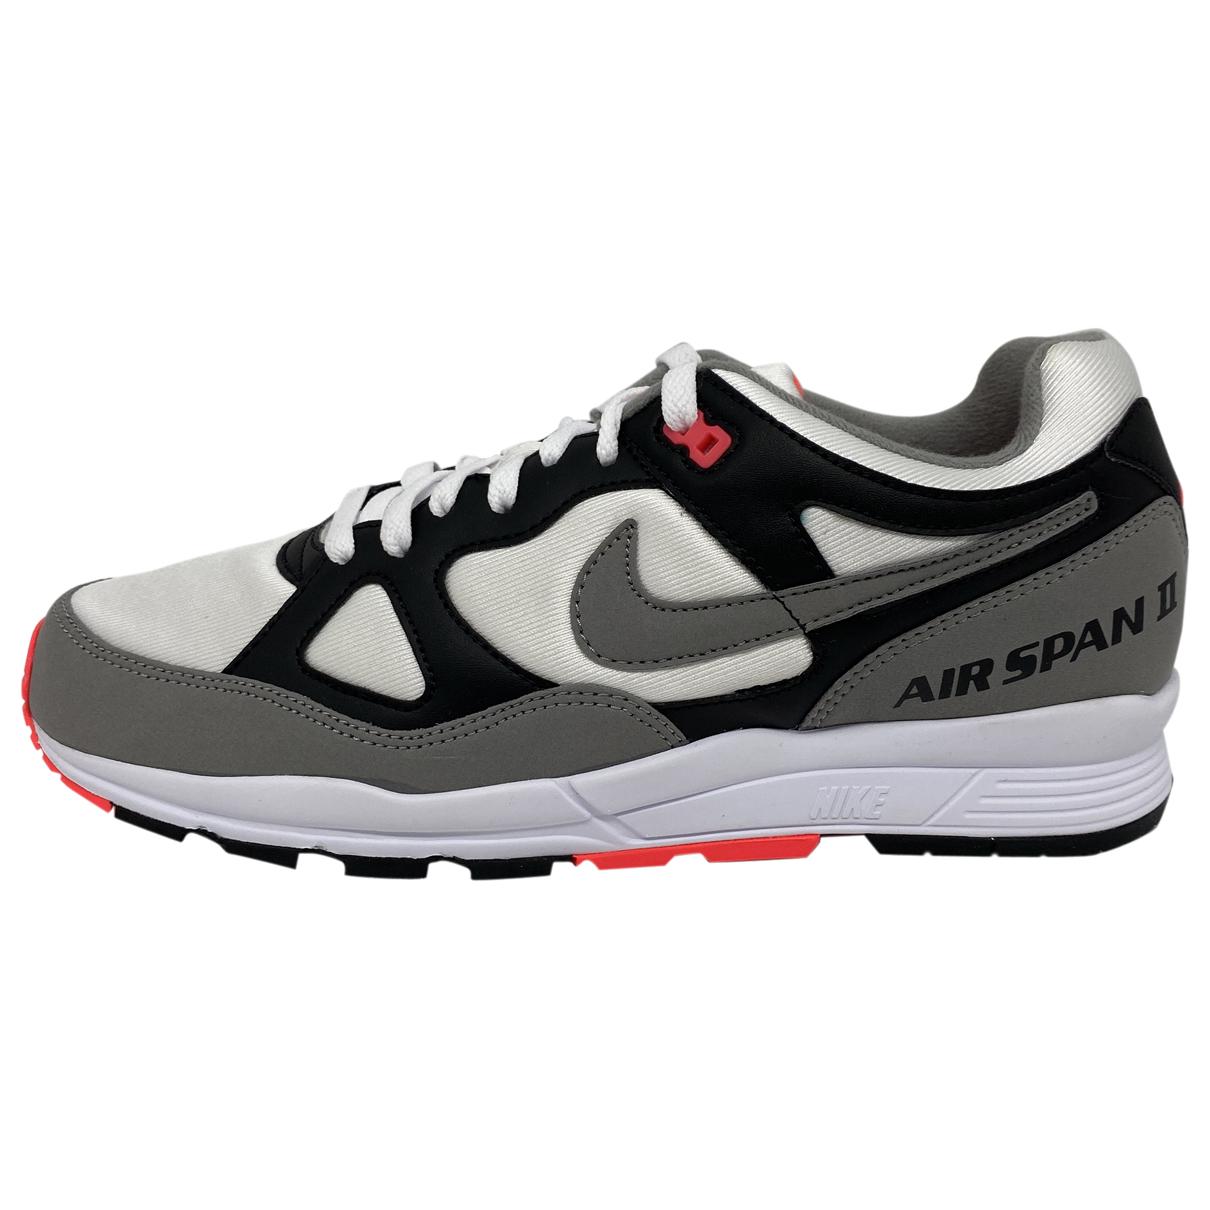 Nike Air Span II Sneakers in  Grau Leder